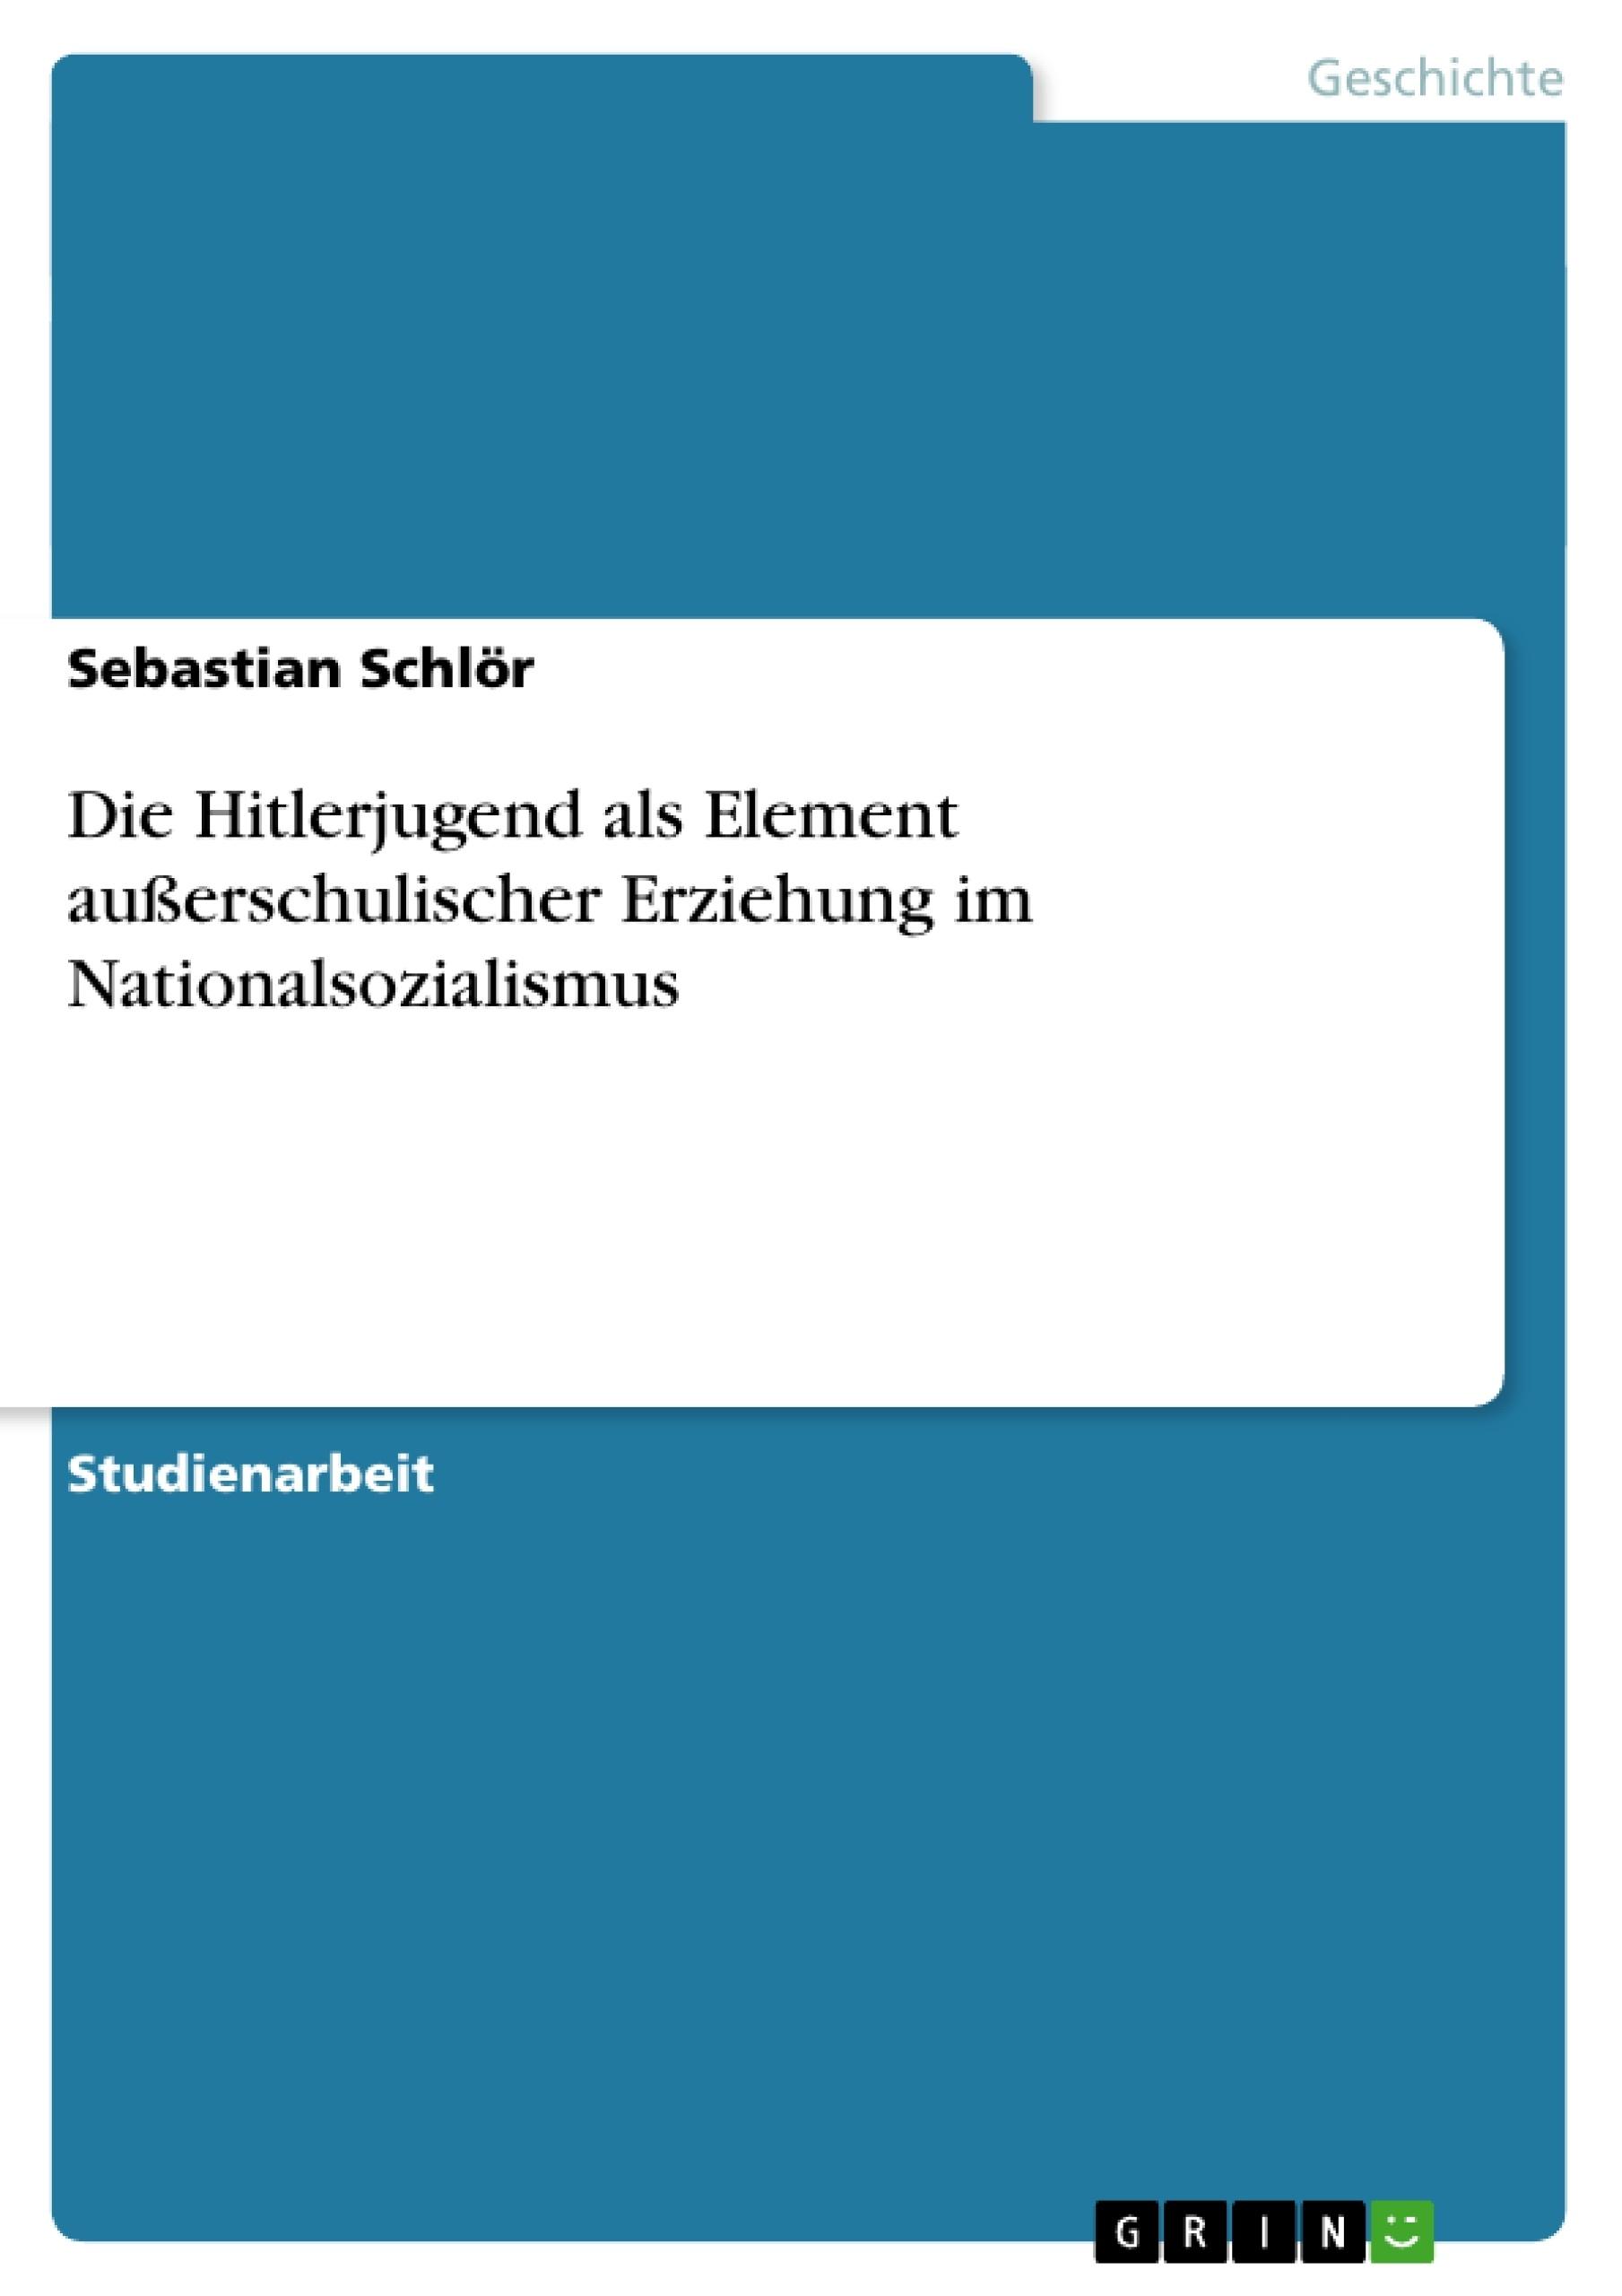 Titel: Die Hitlerjugend als Element außerschulischer Erziehung im Nationalsozialismus